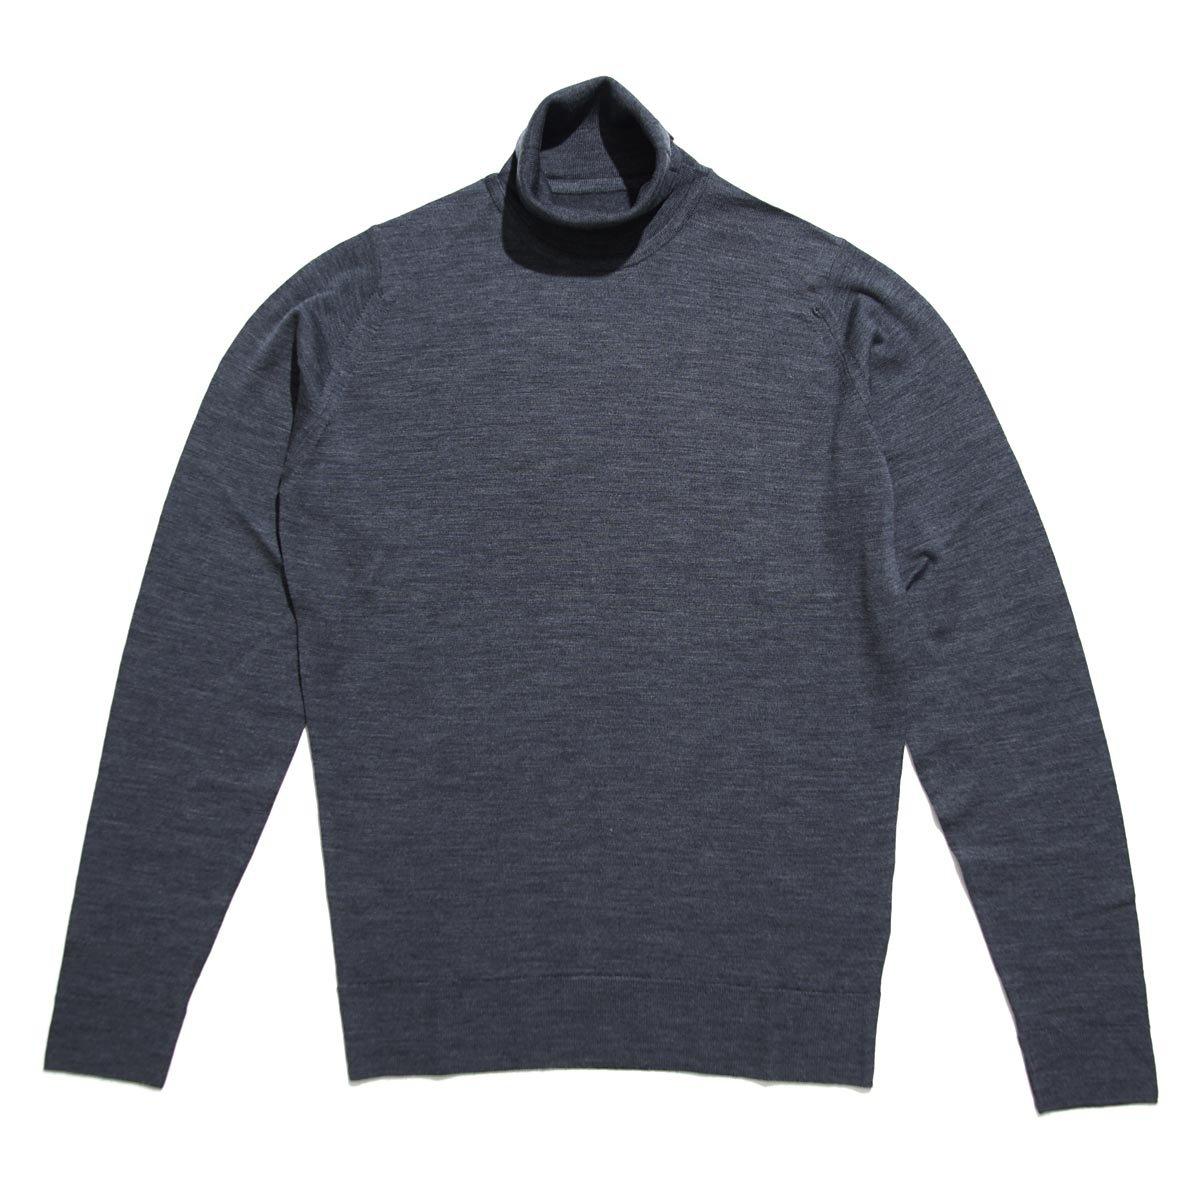 (ジョンスメドレー) JOHN SMEDLEY タートルネック セーター/CHERWELL チャーウェル [並行輸入品] B0771F3256 M チャコール チャコール M